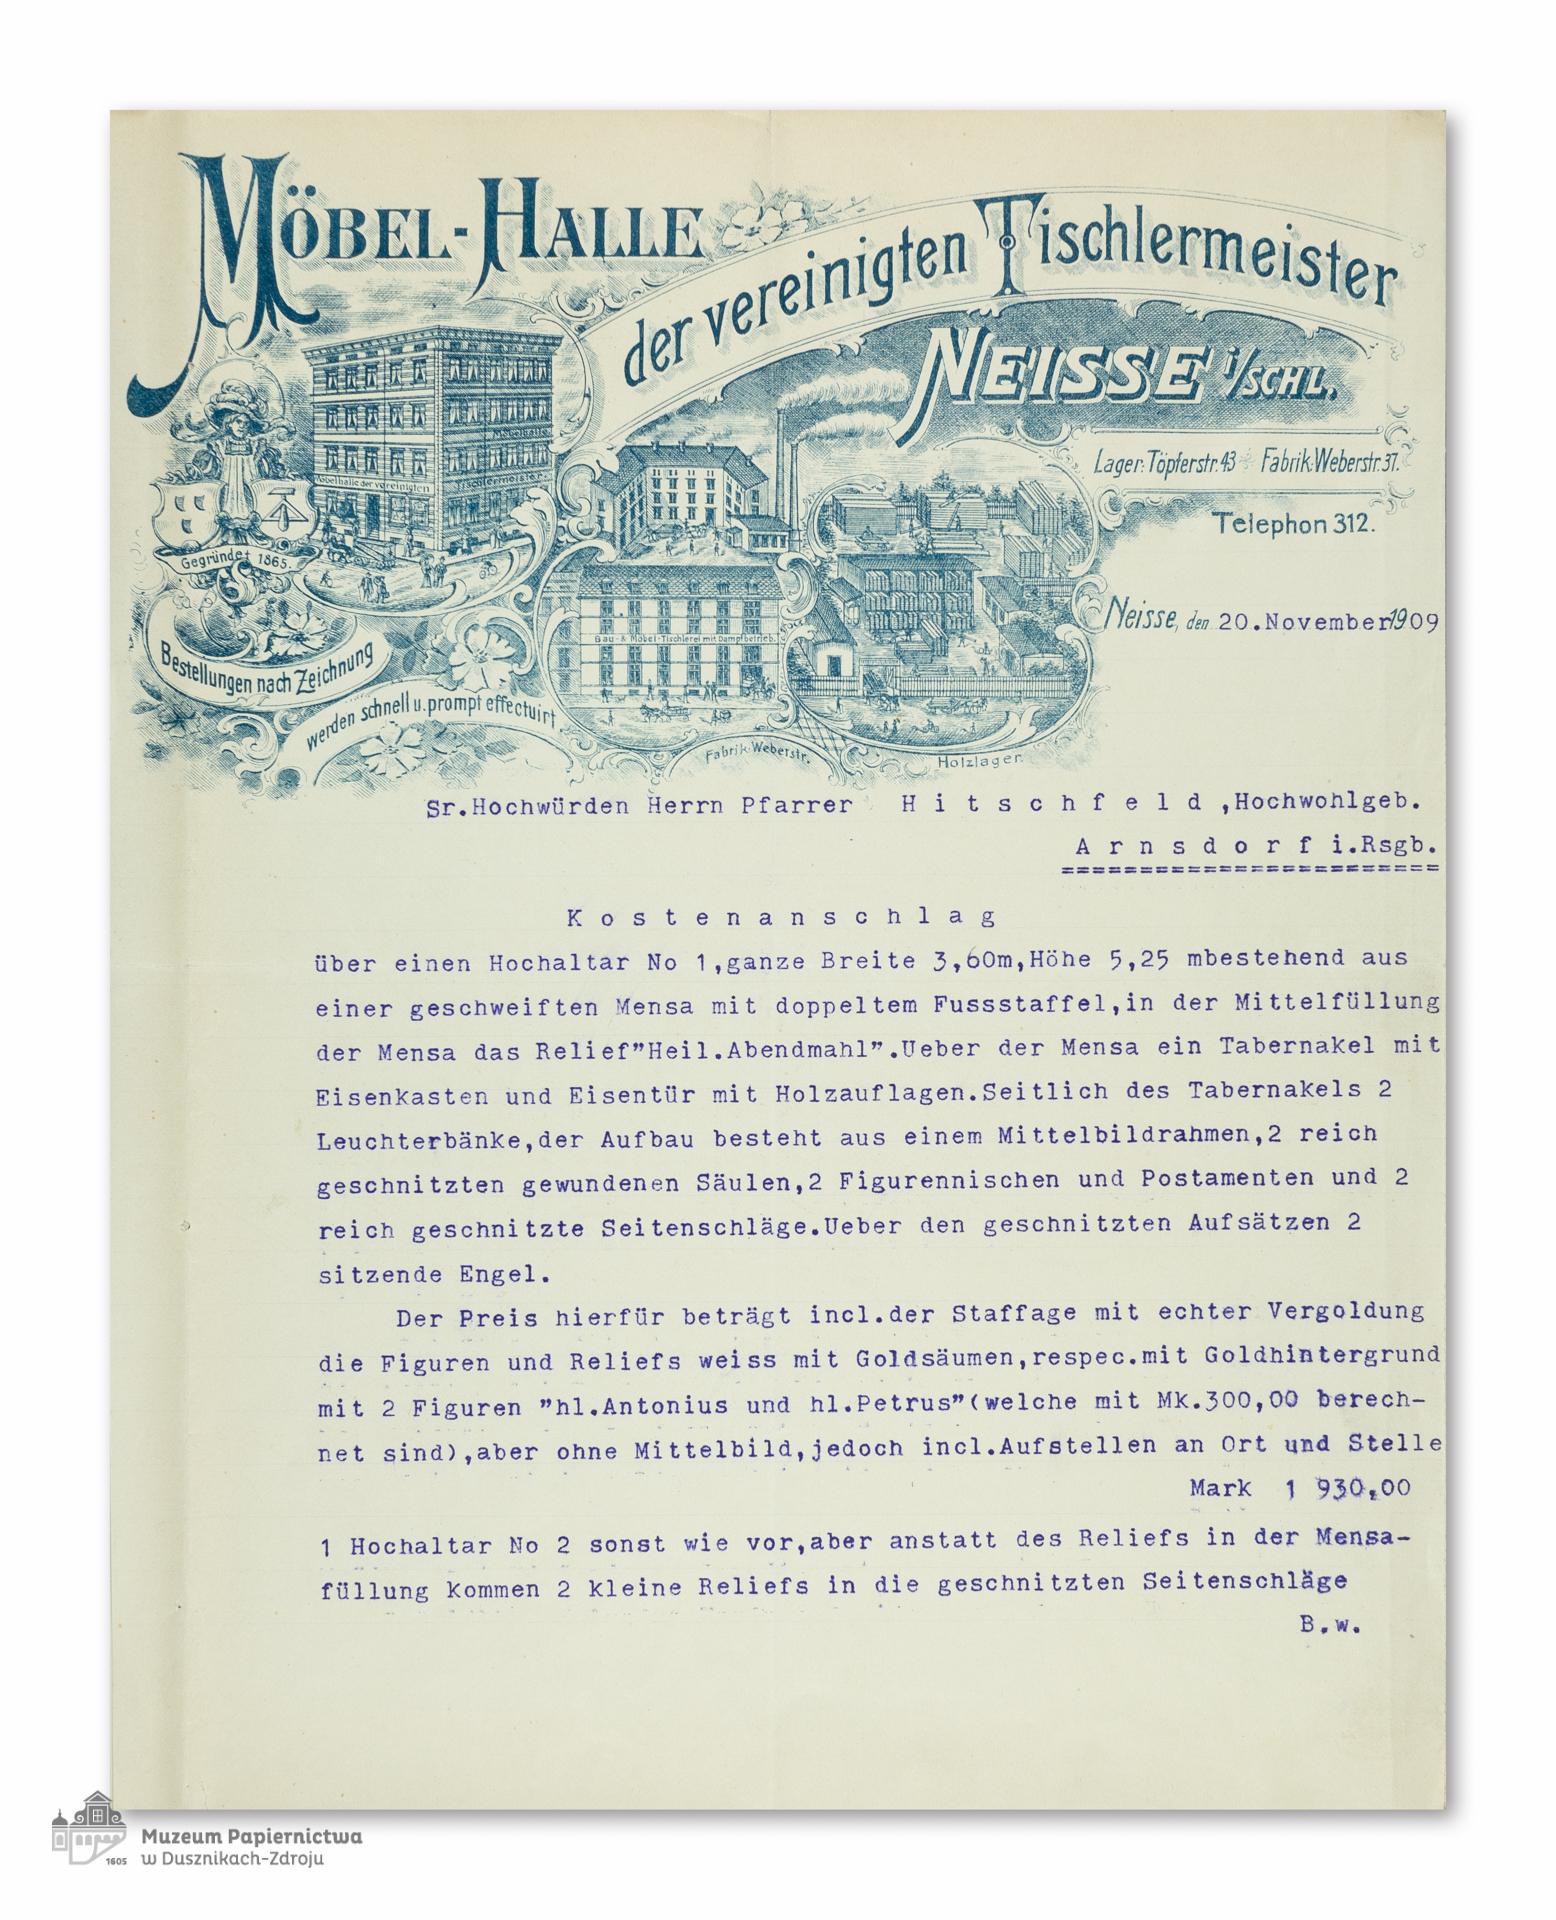 polski kosztorys firmy m bel halle der vereinigten tischlermeister muzeum papiernictwa w. Black Bedroom Furniture Sets. Home Design Ideas